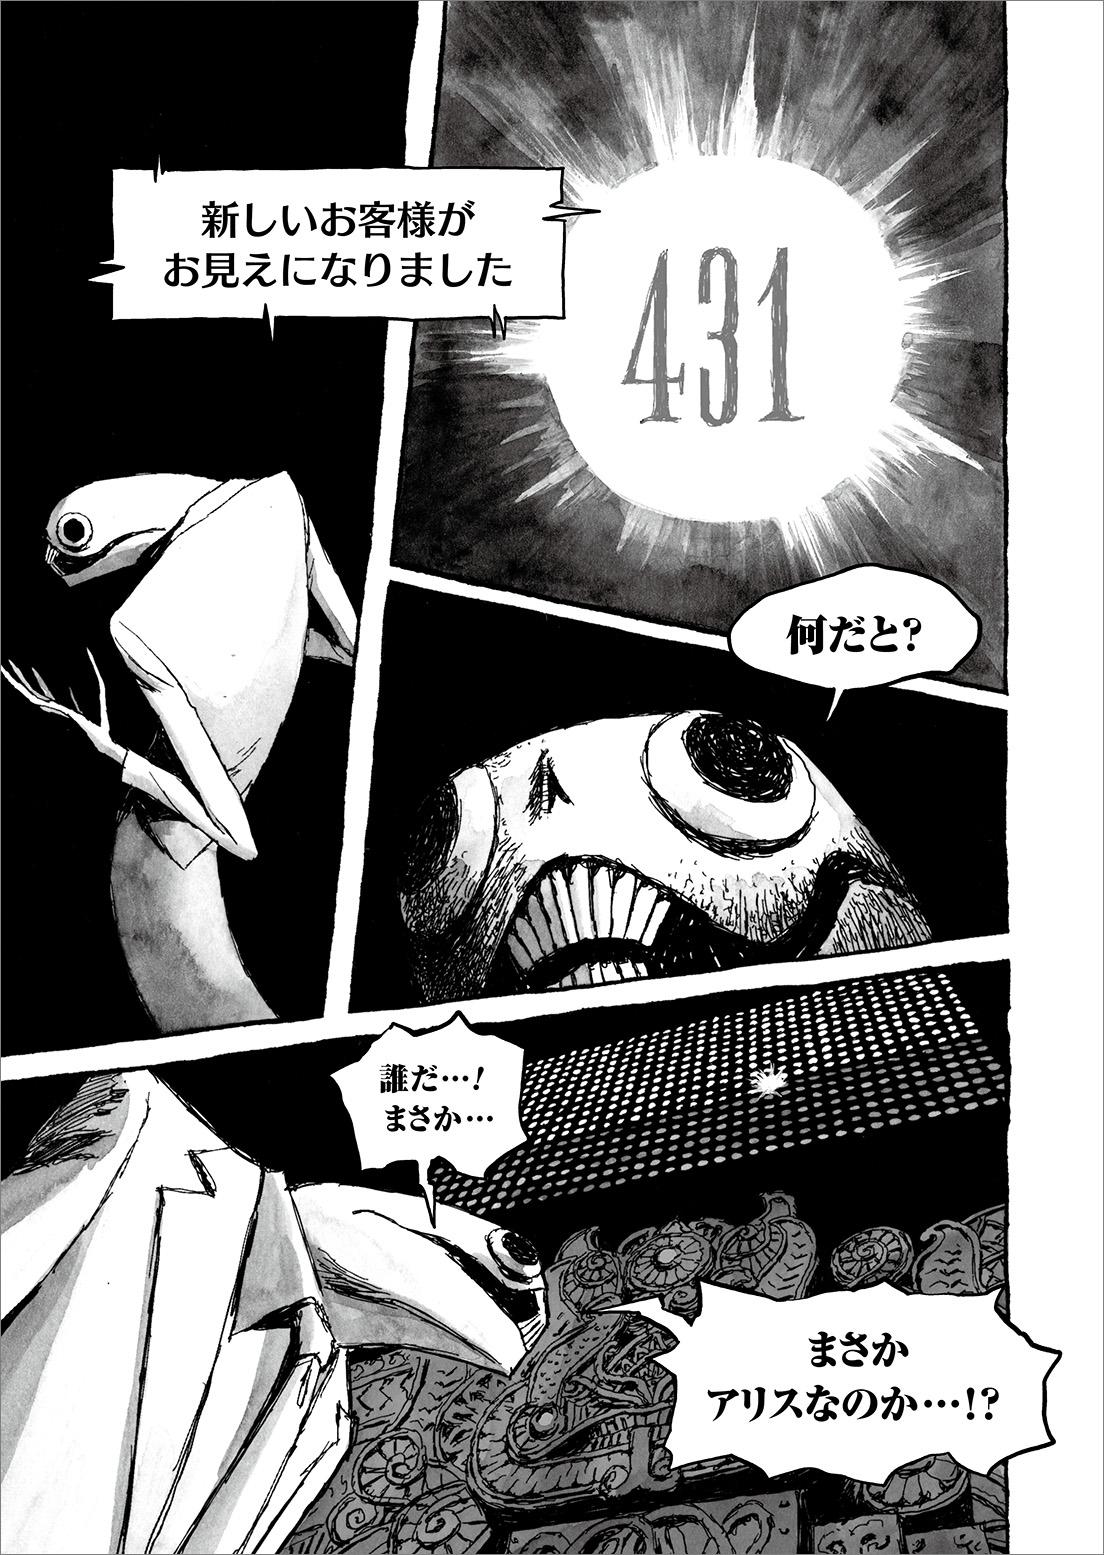 長編漫画「BIBLIOMANIA」第8話「来客」21P